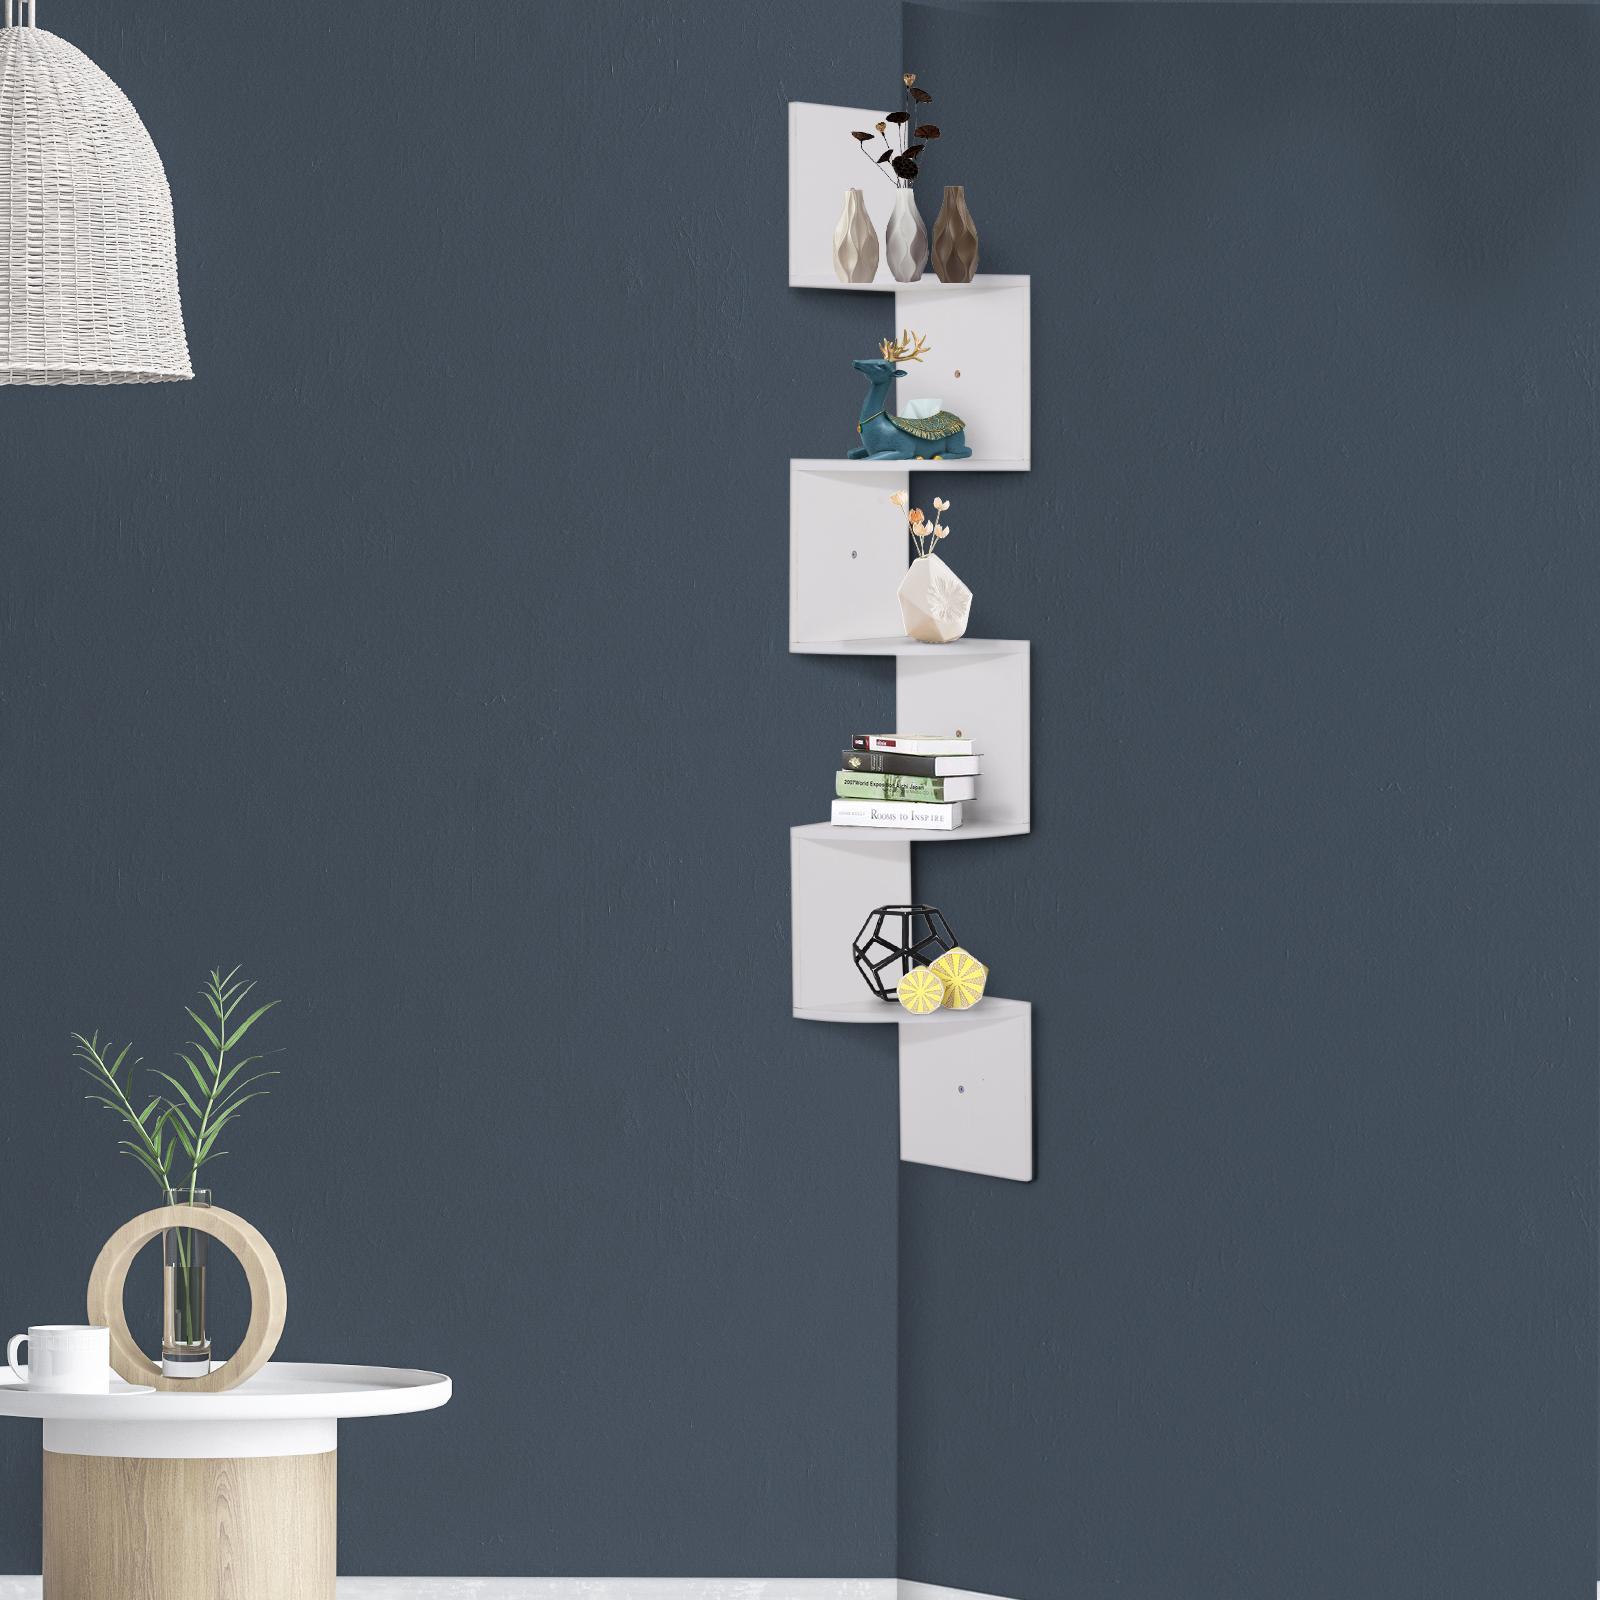 Etagere-d-Angle-Etagere-Murale-Zigzag-5-Niveaux-20-x-20-x-126-cm miniature 3